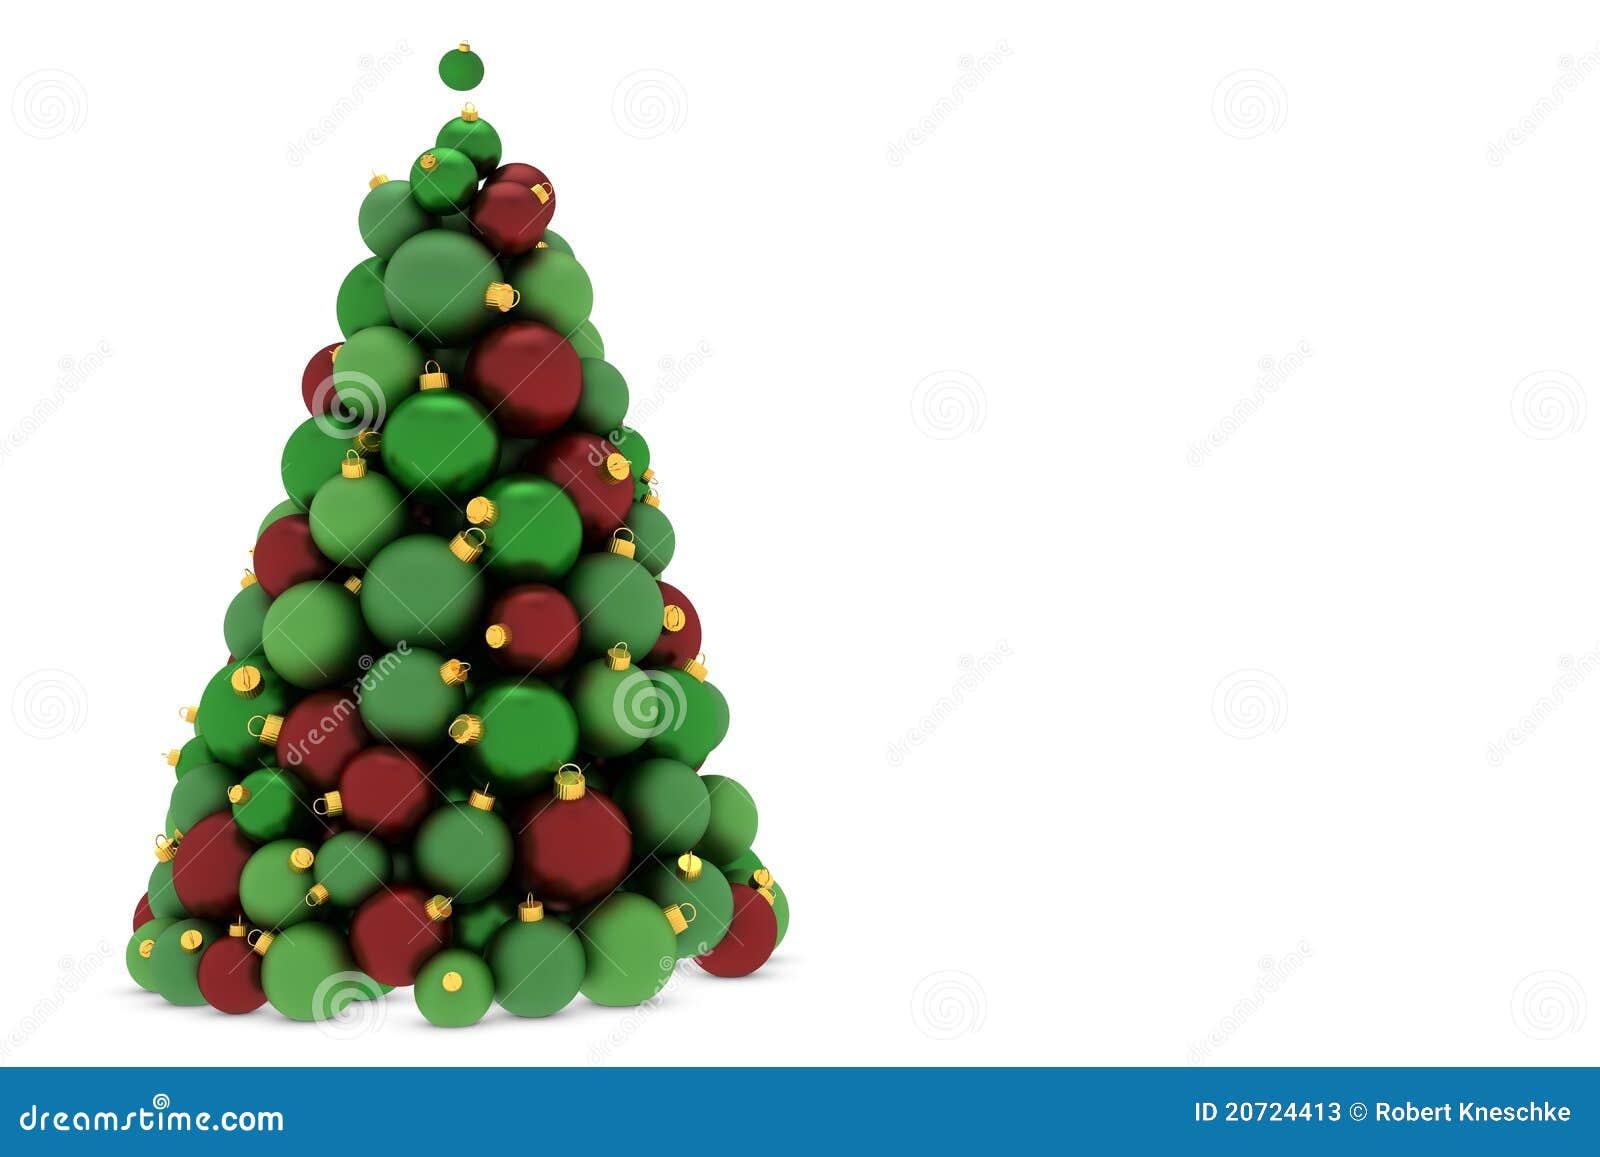 Christmas tree made of christmas tree balls stock photos for Christmas tree balls